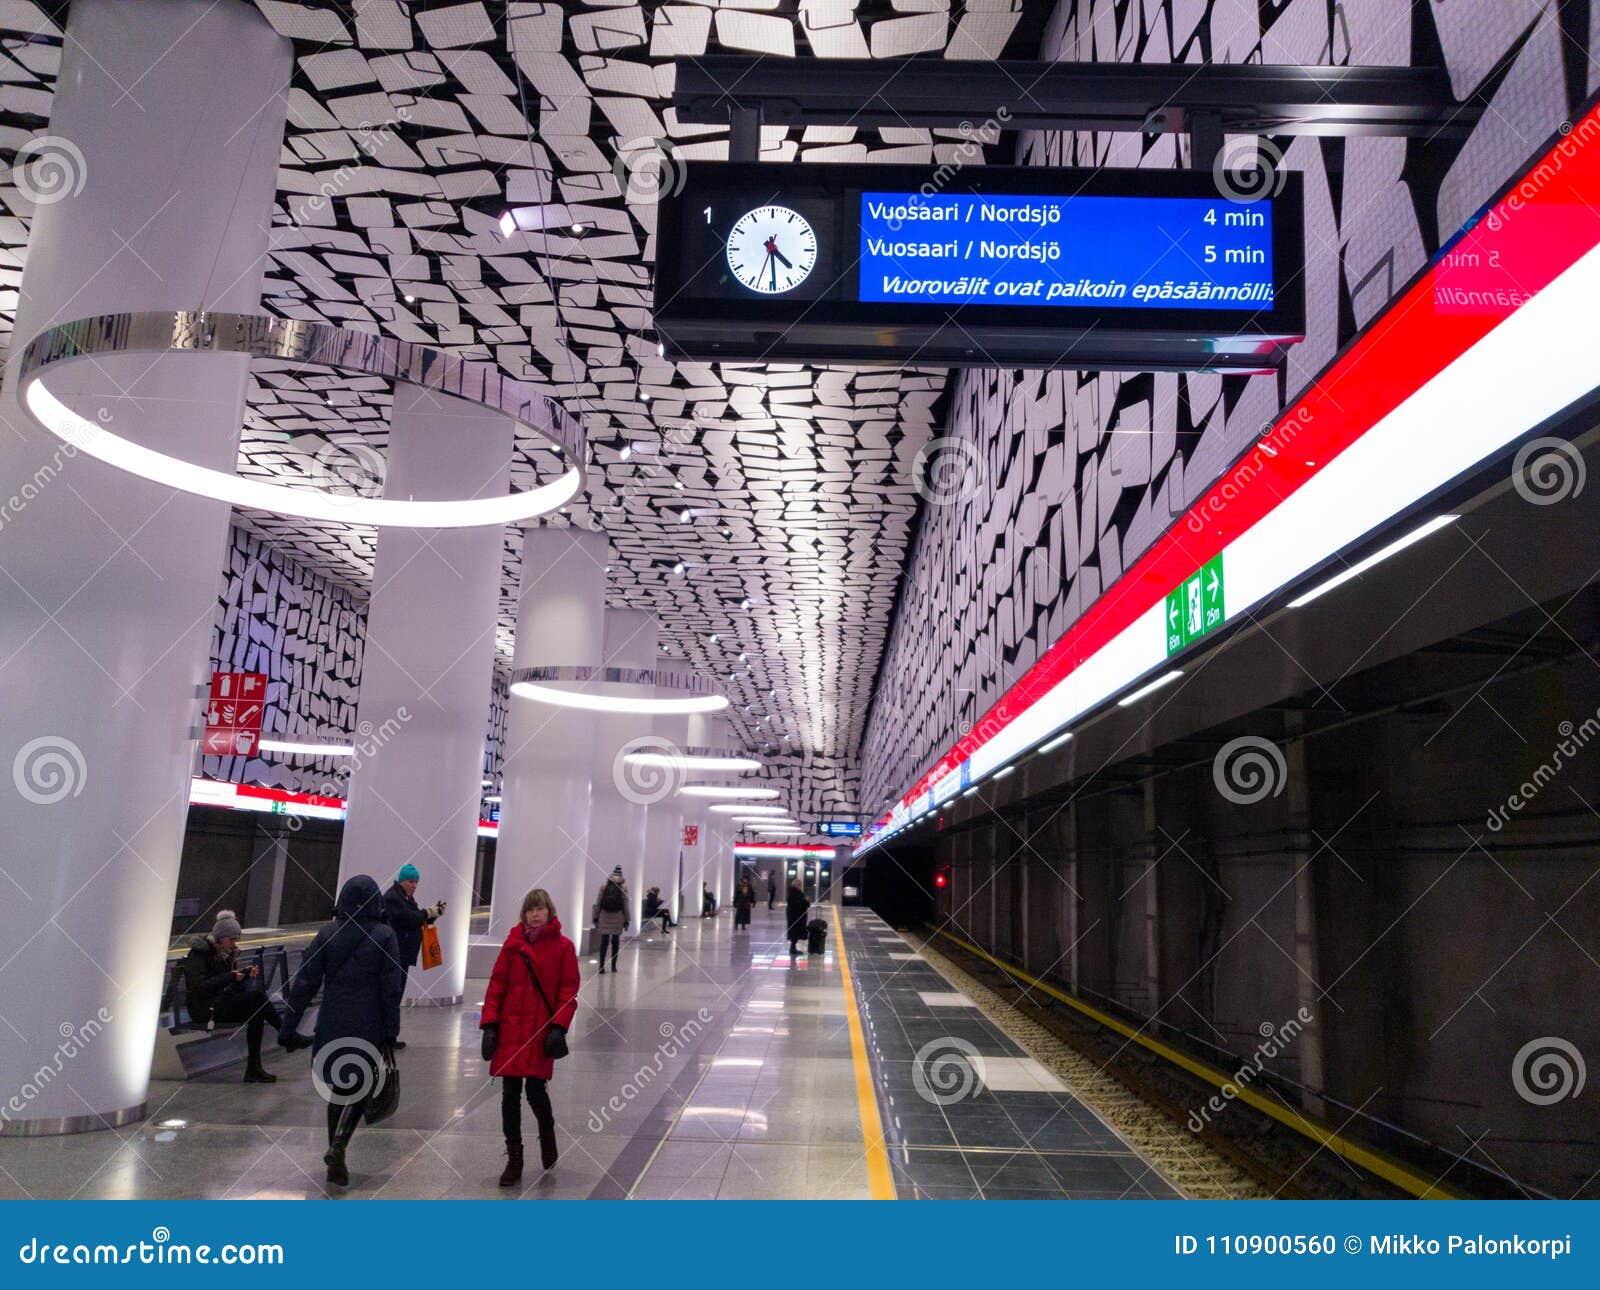 Πρόγραμμα και καθυστερήσεις μετρό Irrelugar στο μετρό του Ελσίνκι/του Έσποο